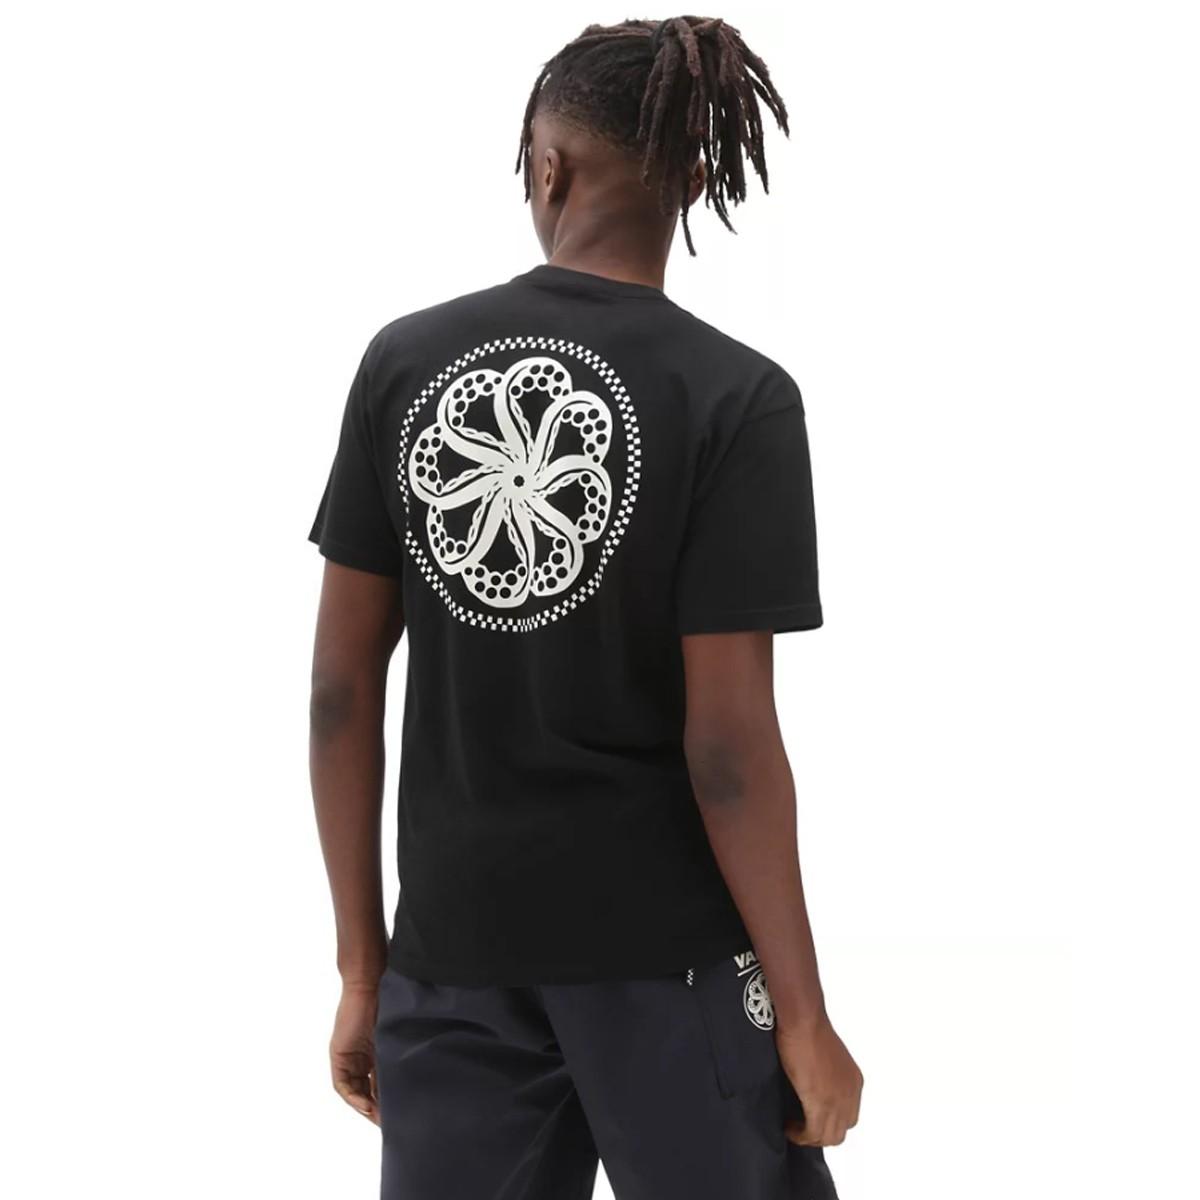 Vans x Octopus Black T-Shirt VN0A5KCYBLK1